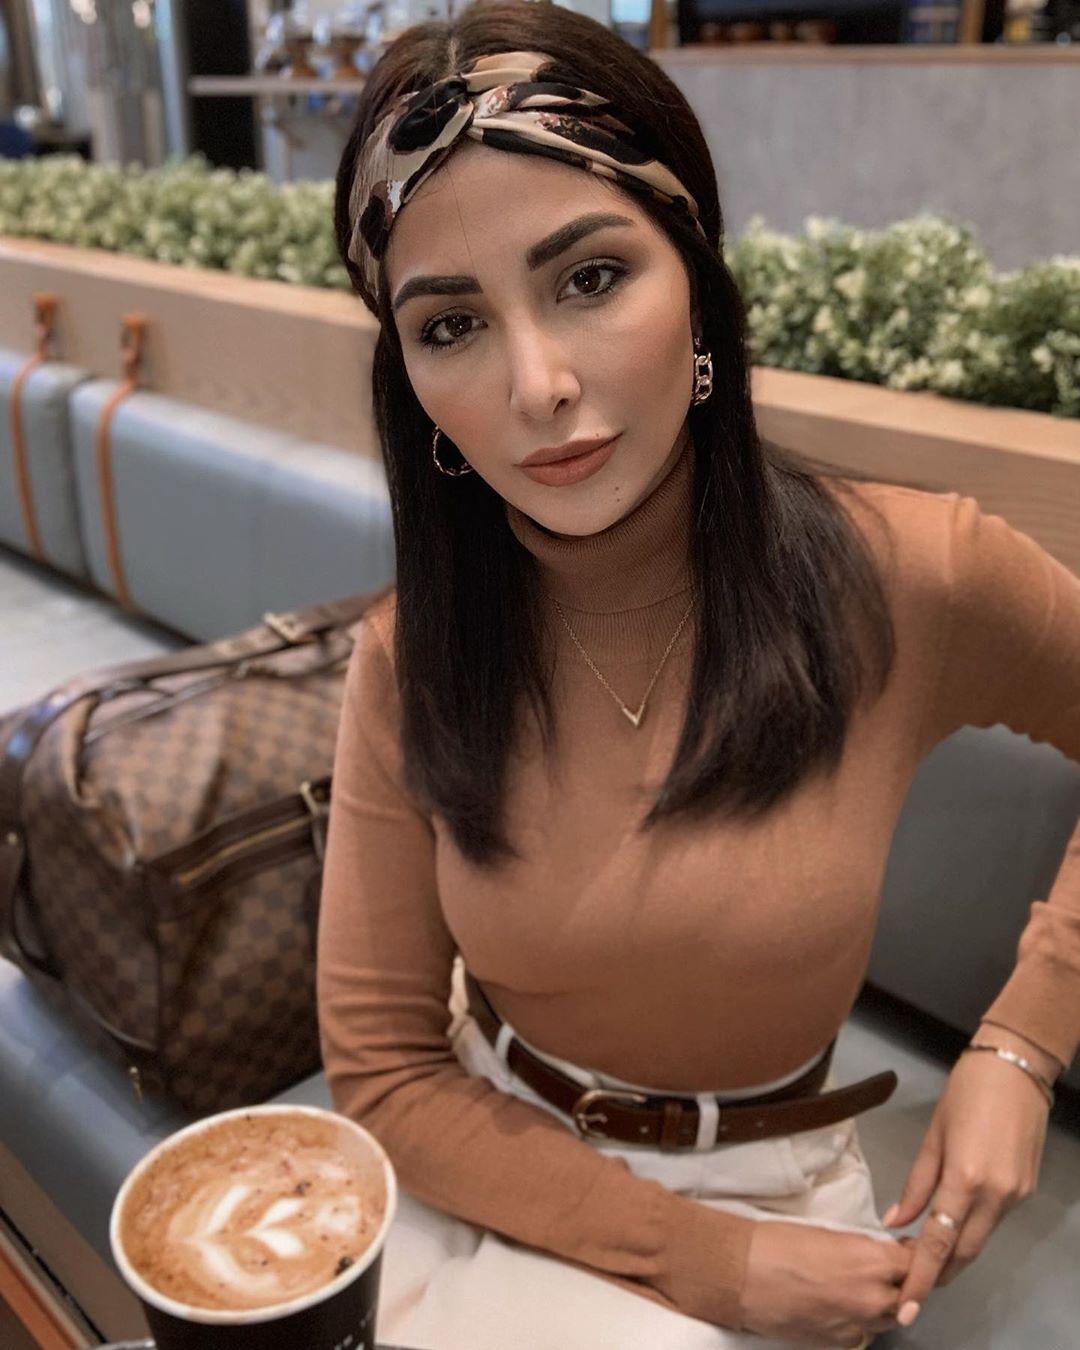 Sabeeka 1